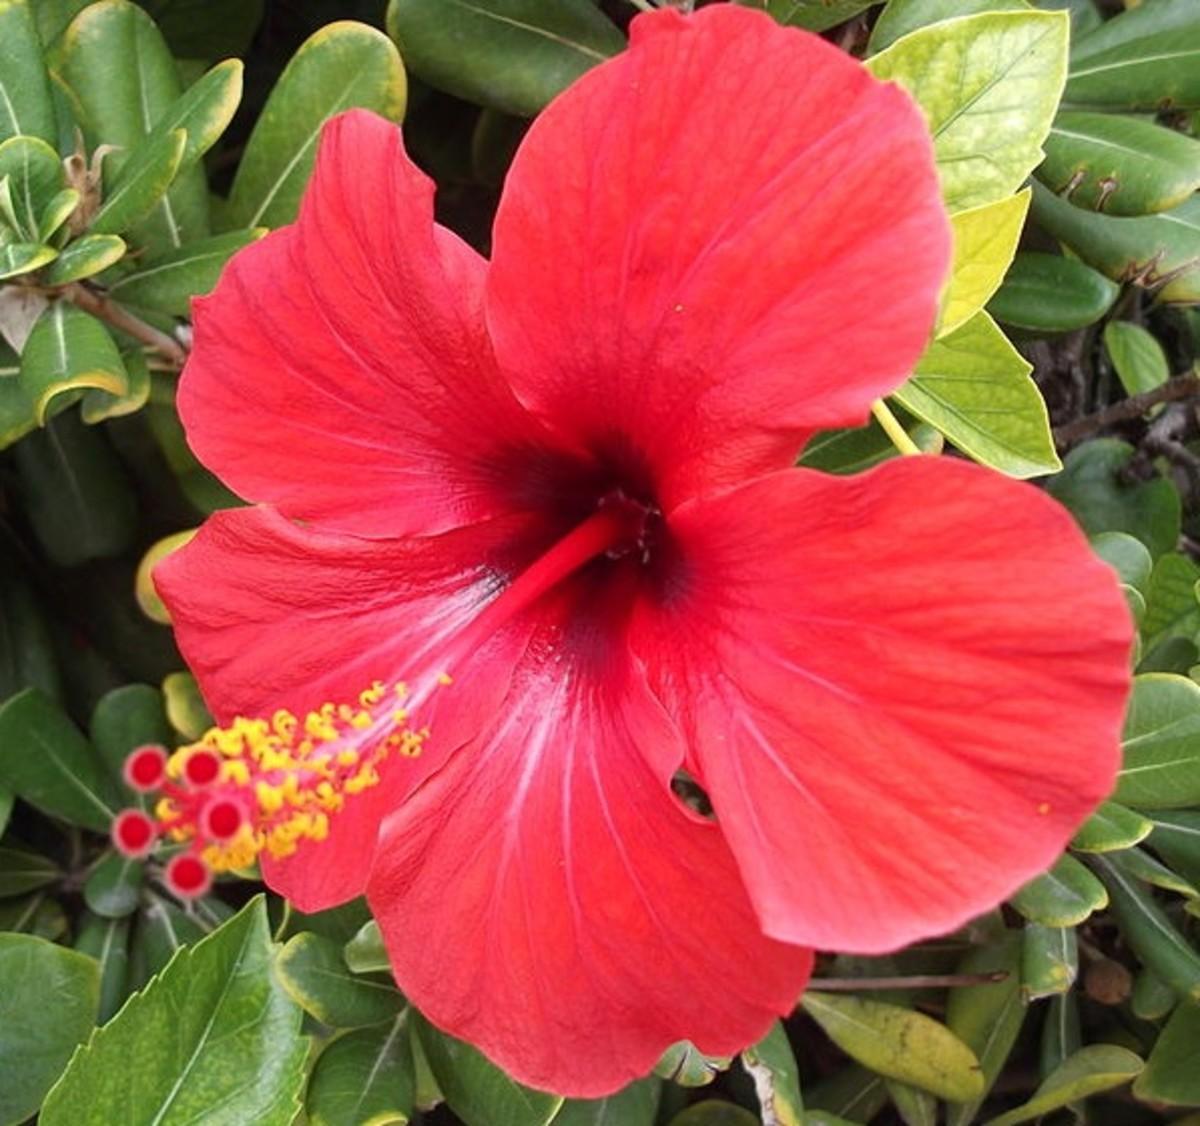 12. Hibiscus